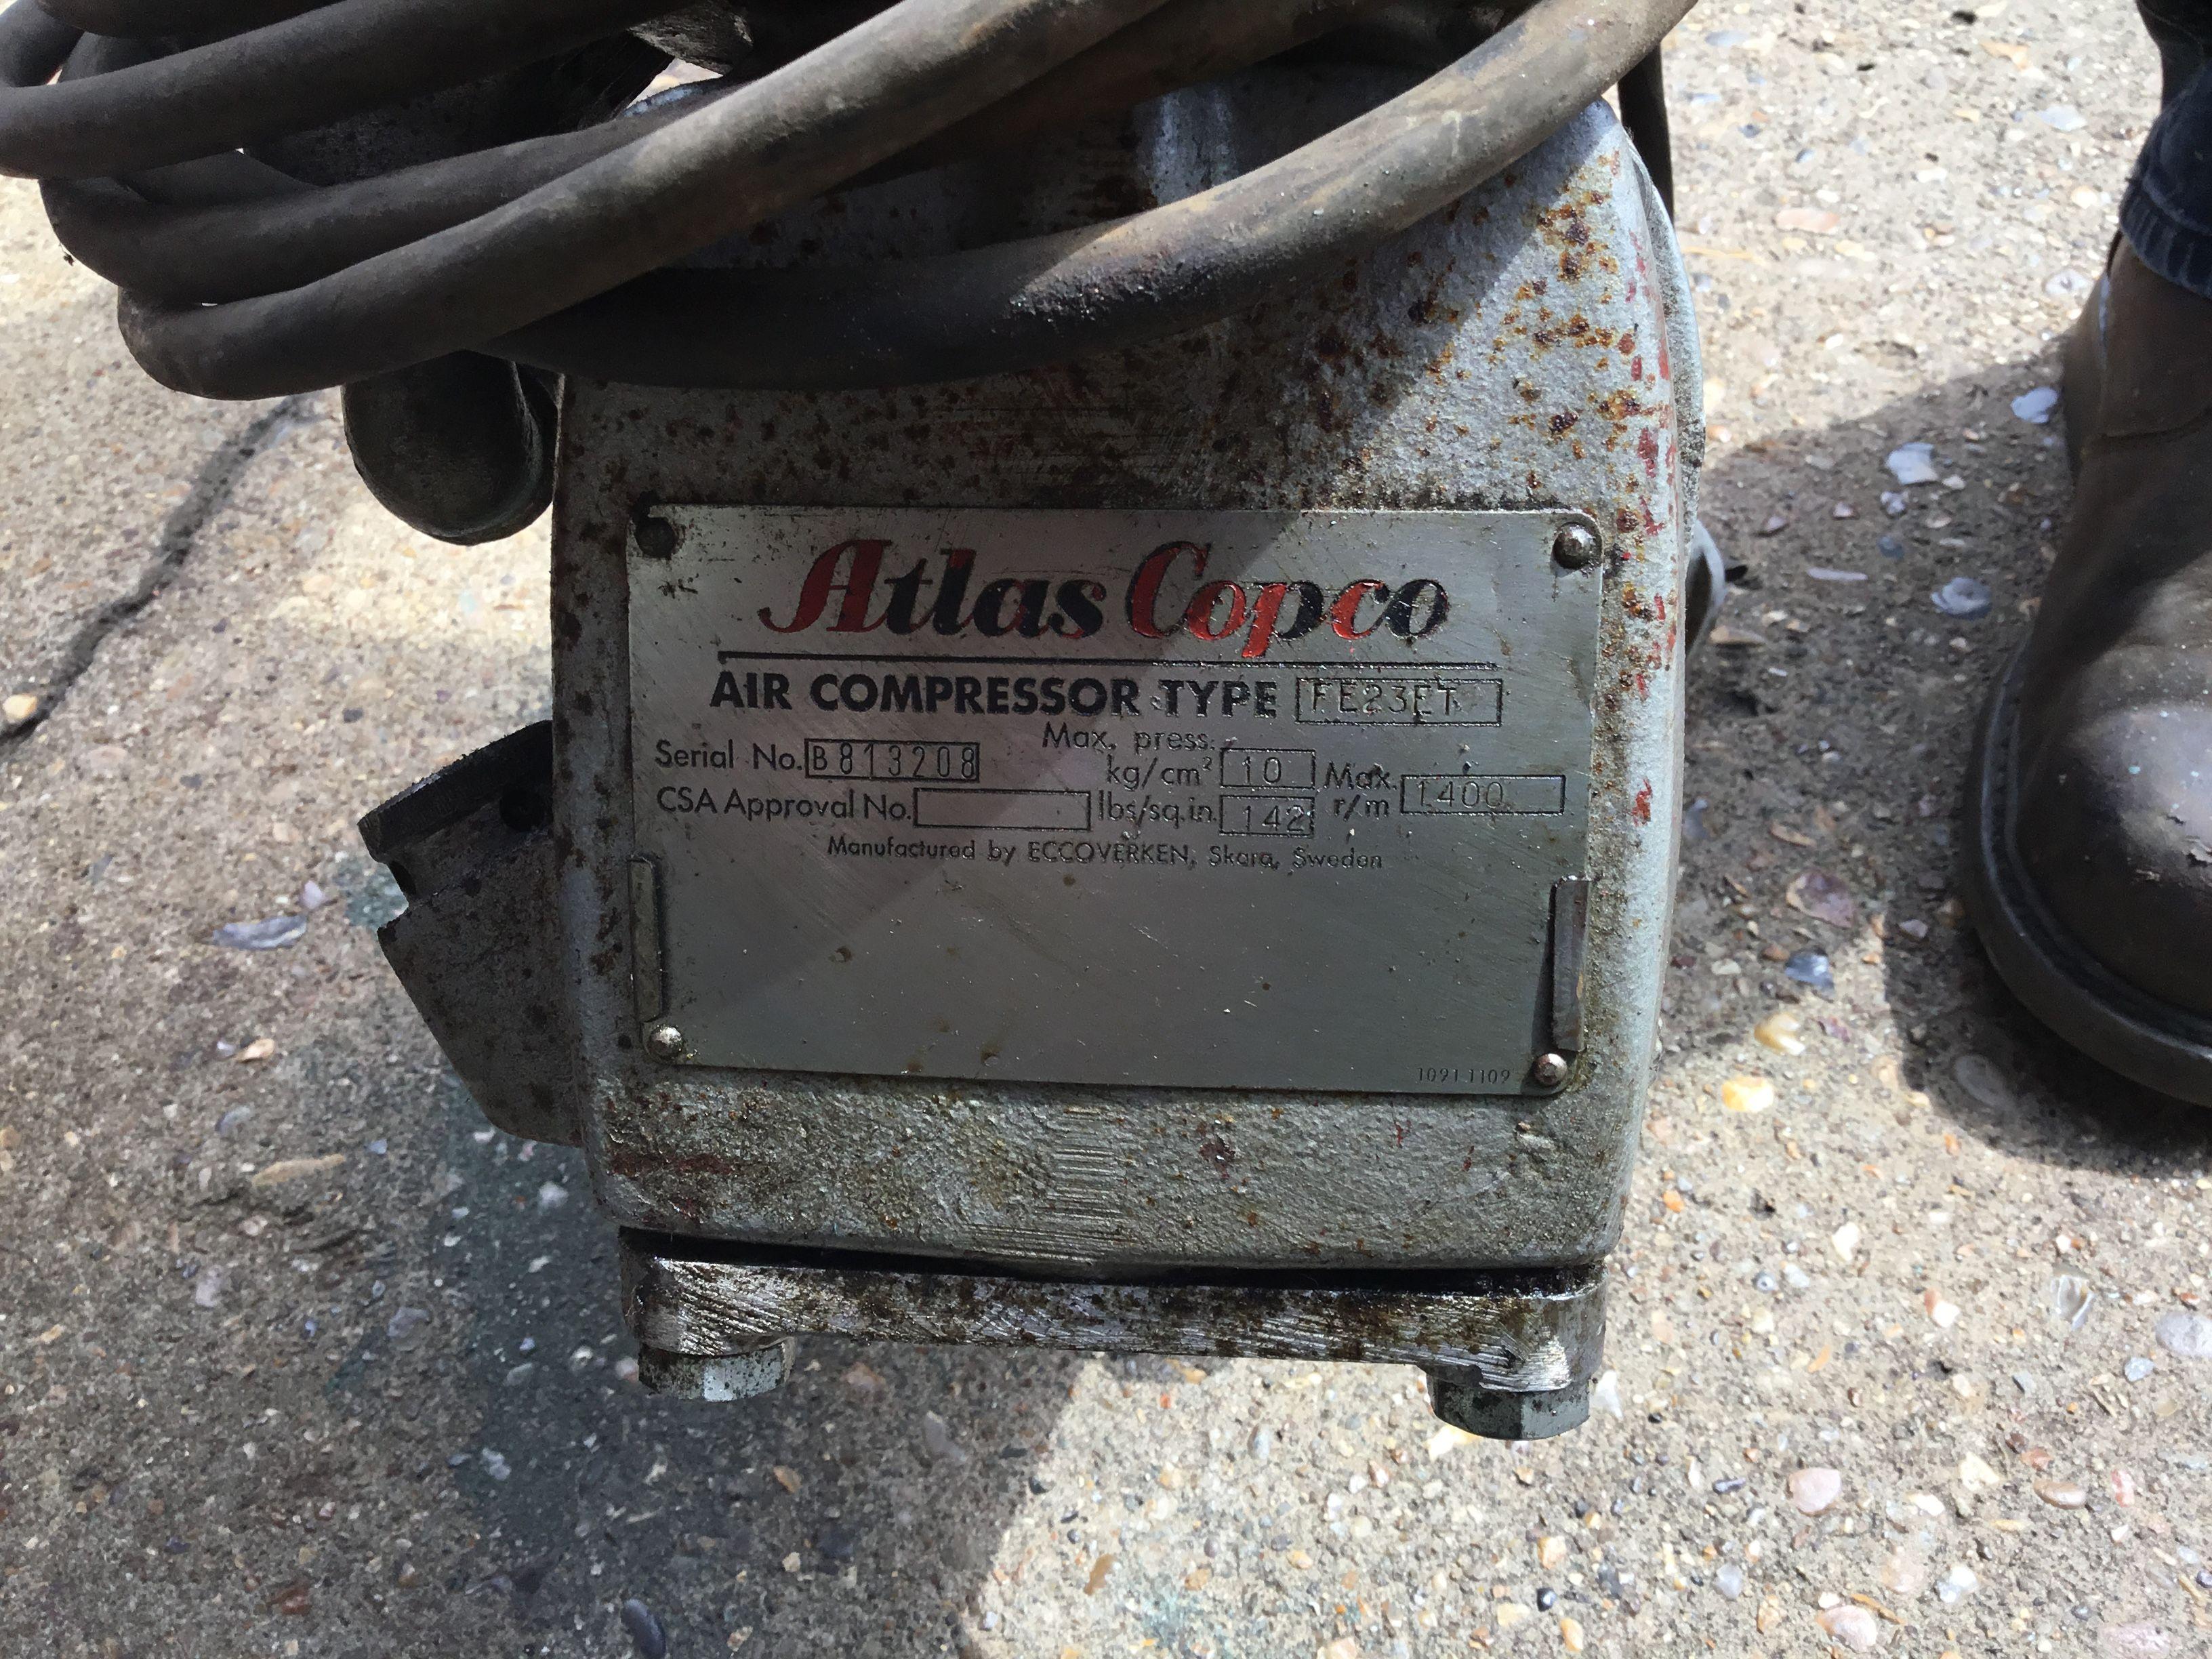 Atlas Copco Air Compressor Air compressor, Compressor, Iga